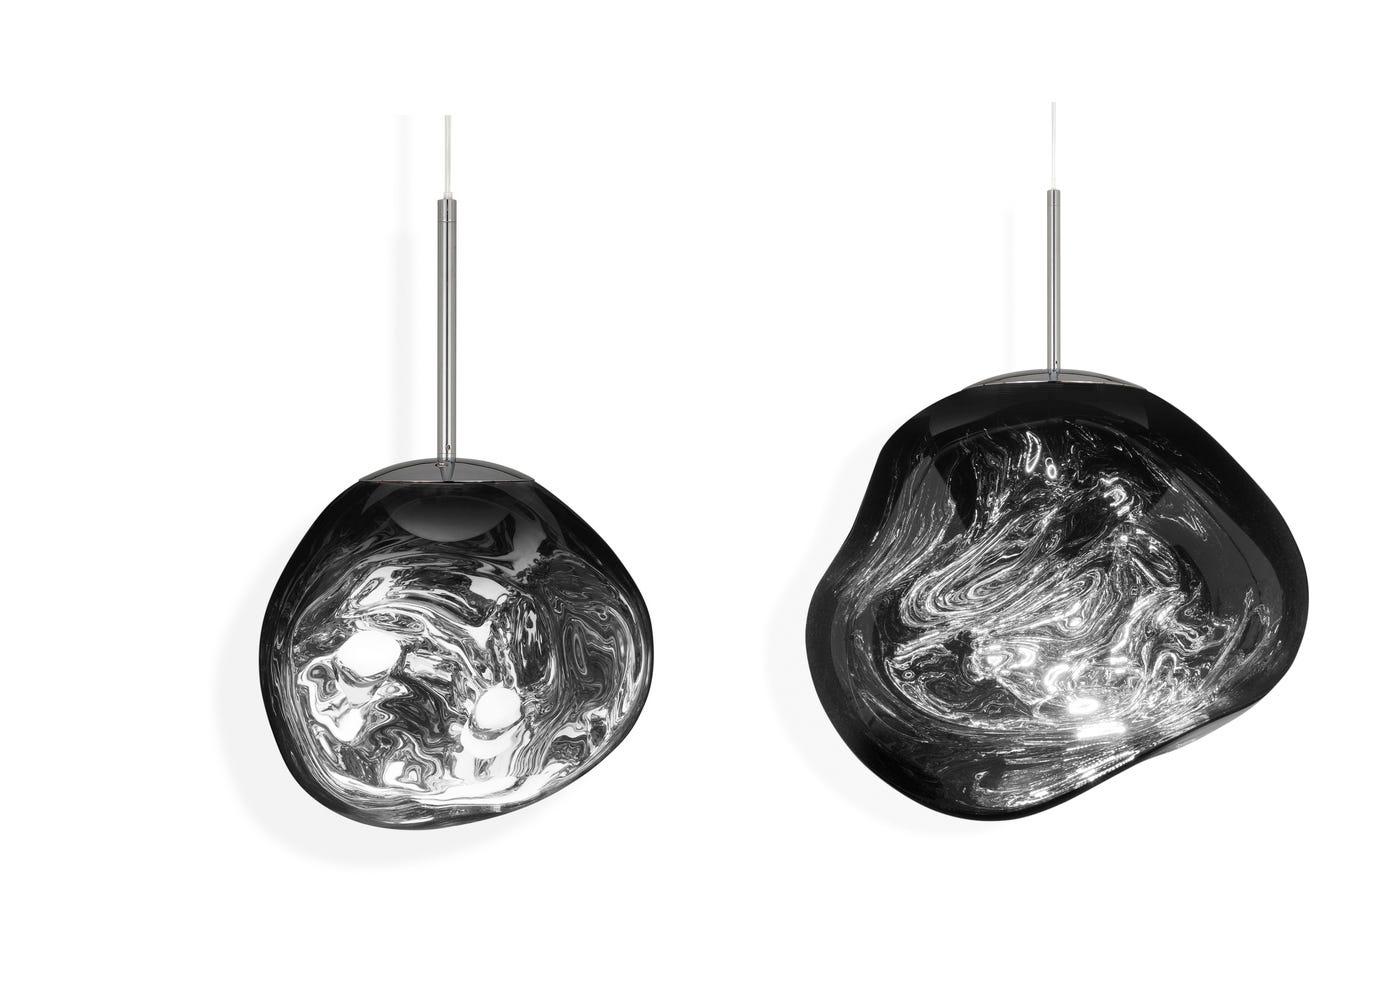 From left to right: Chrome mini LED light on, Chrome standard LED light on